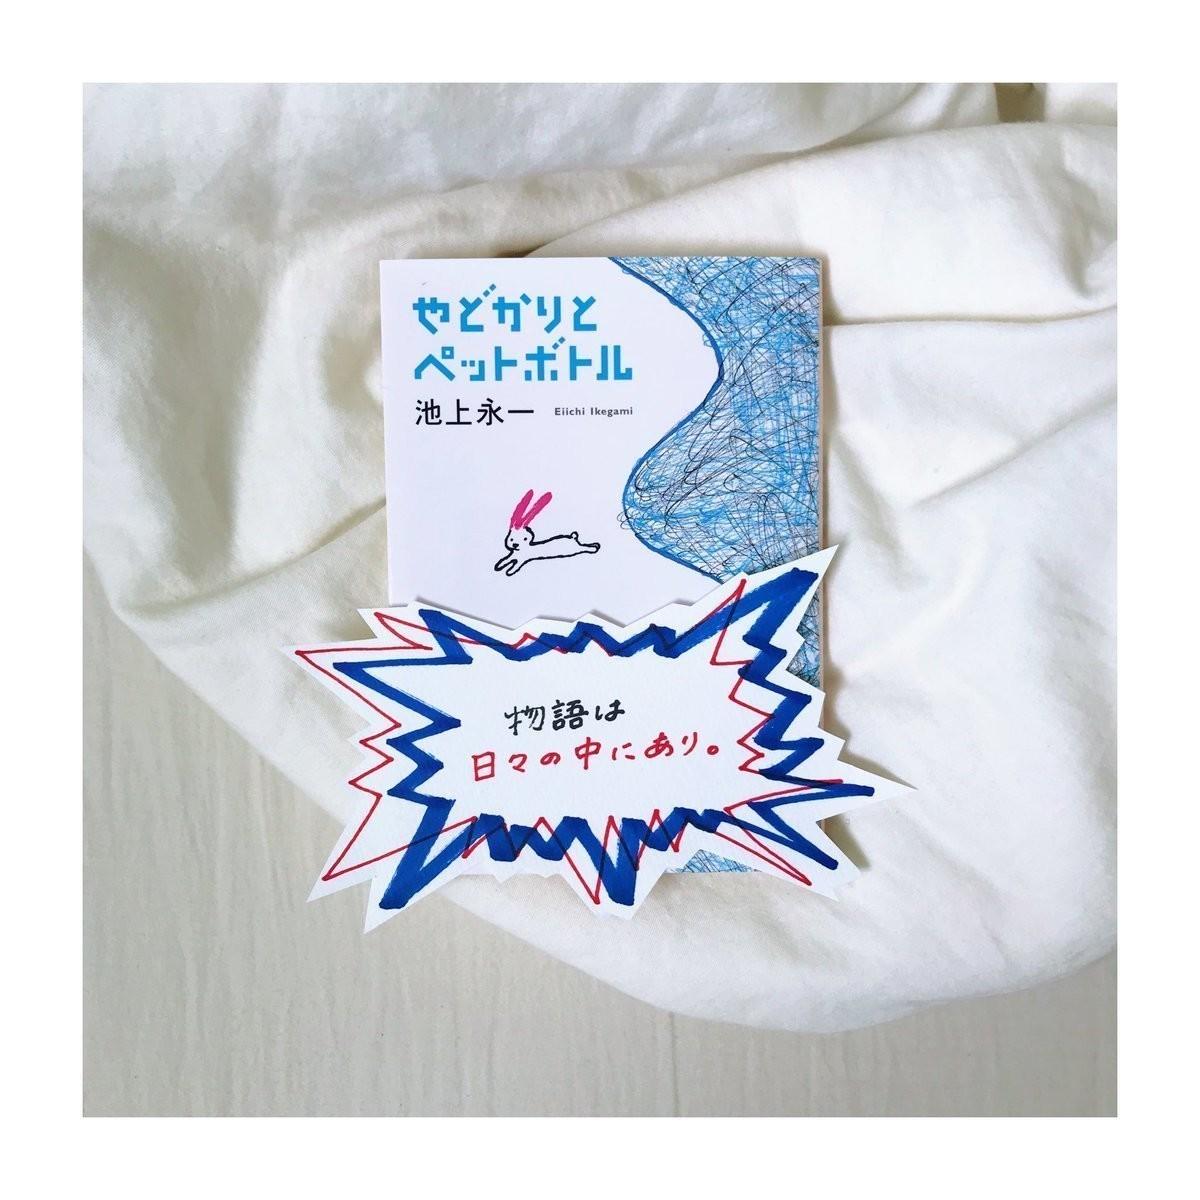 「やどかりとペットボトル」池上永一 読破📚沖縄で育った作者の痛快な青春のエッセイ😊🔥🔥  私、つくづく思うのですが日々の中にこそ心動かす物語が隠されているのだなぁ、と。見逃さないようにいい日も悪い日も目をきちっとあけて生きていこうと思います👀!笑